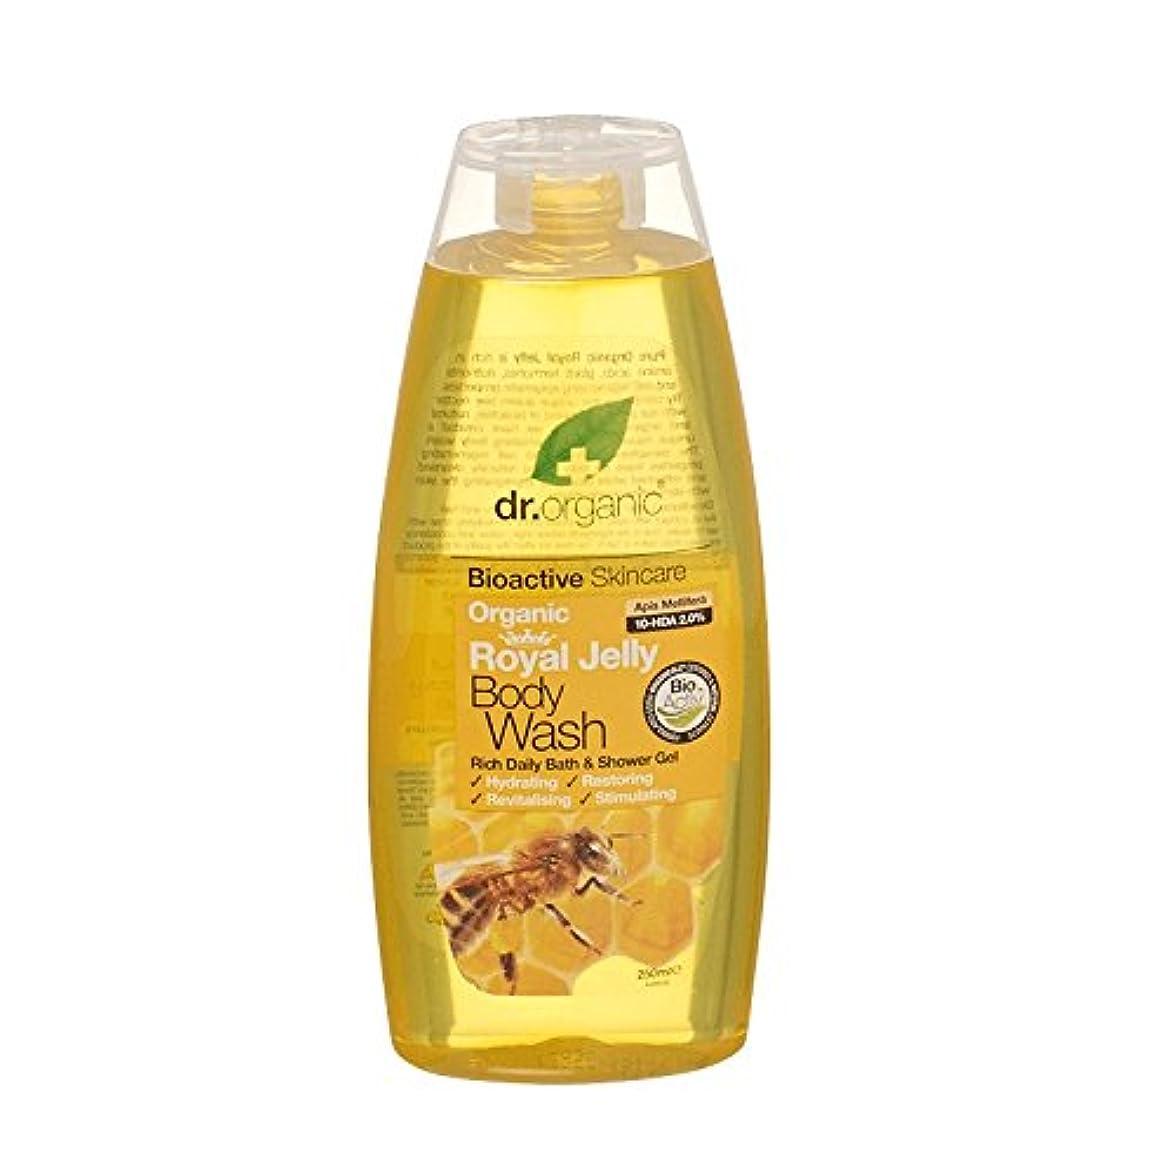 実行可能贈り物経験Dr Organic Royal Jelly Body Wash (Pack of 2) - Dr有機ローヤルゼリーボディウォッシュ (x2) [並行輸入品]